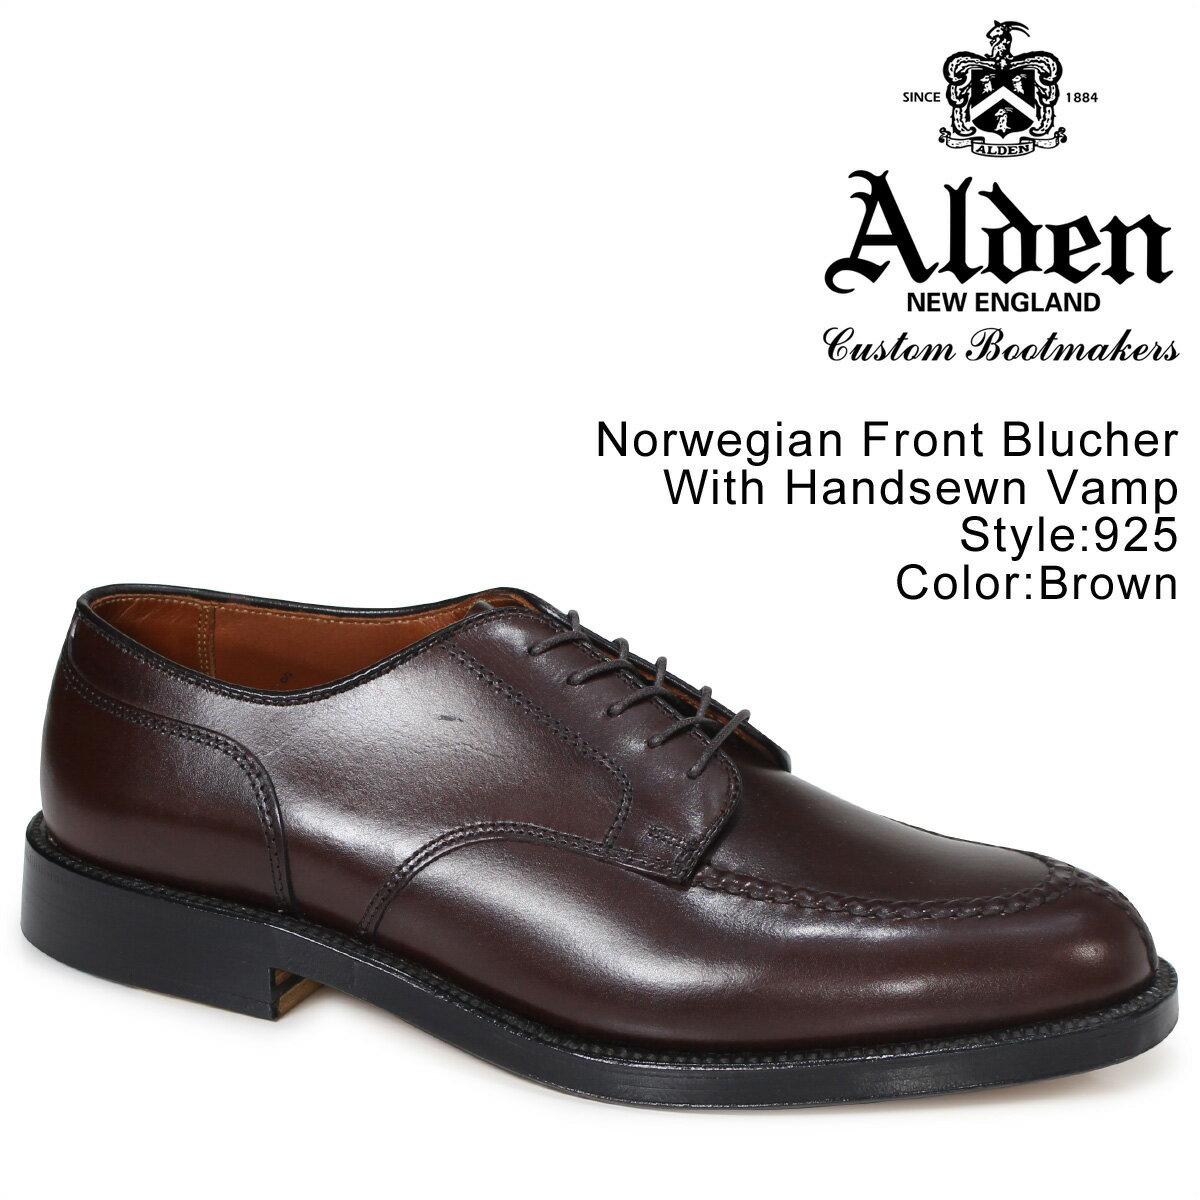 オールデン ALDEN シューズ NORWEGIAN FRONT BLUCHER WITH HANDSEWN VAMP Dワイズ 925 メンズ